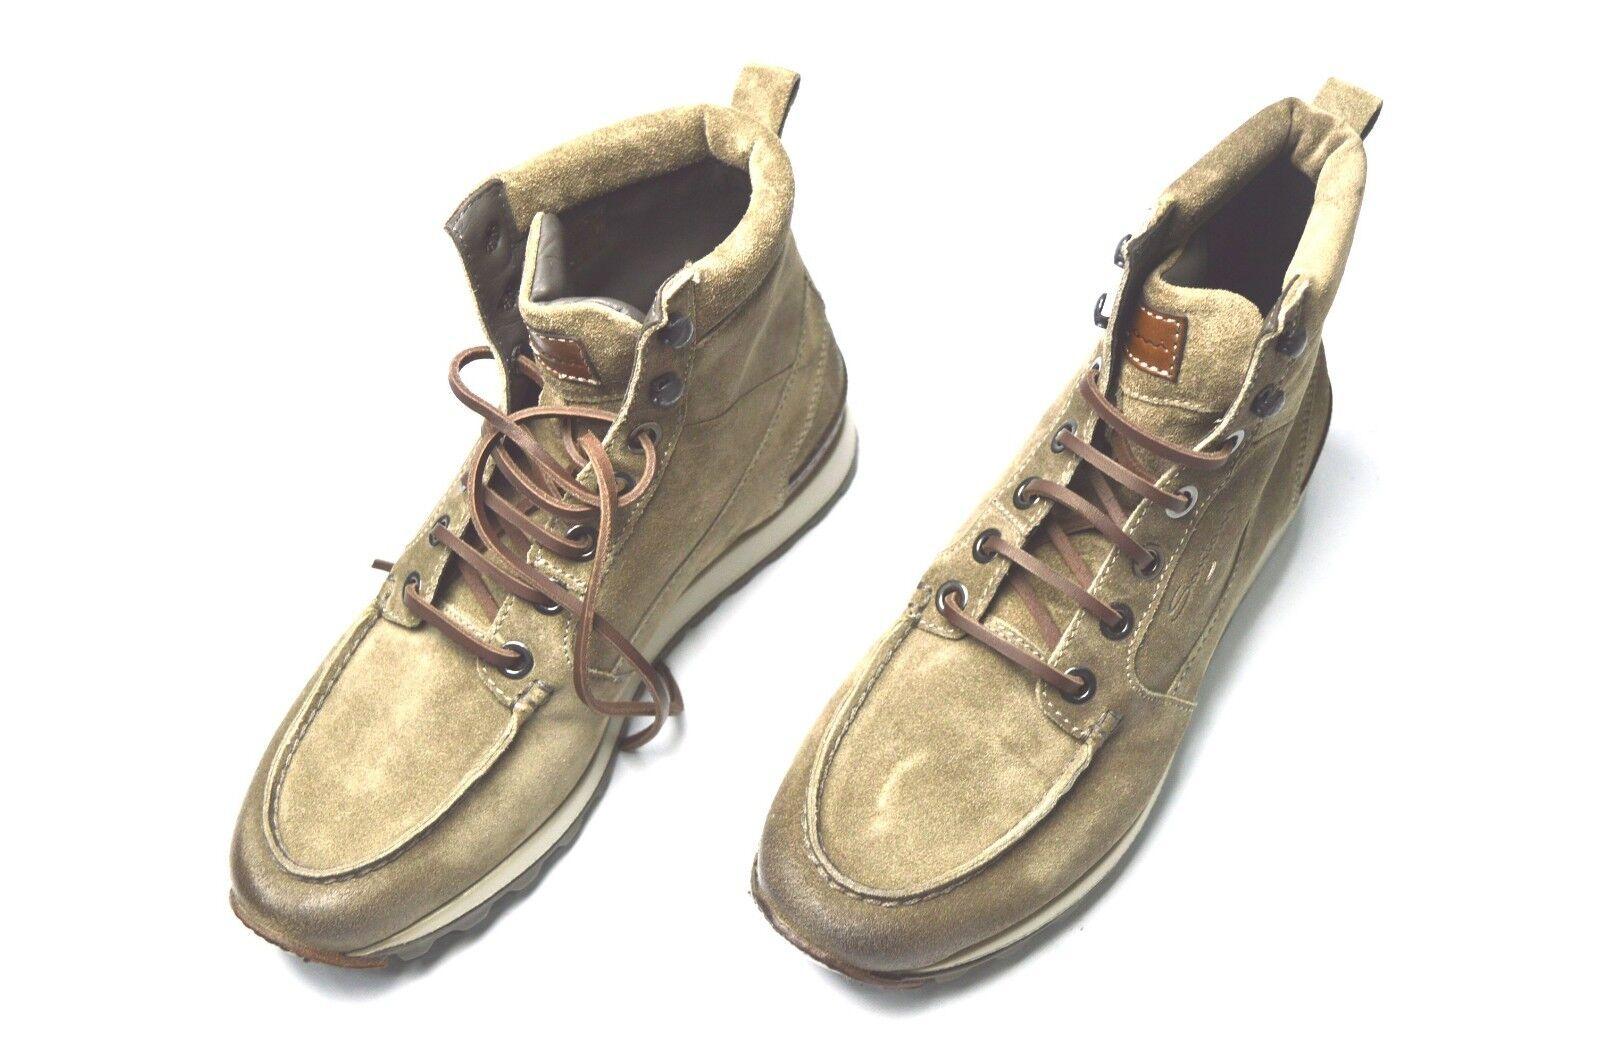 Nuevos zapatos casuales deporte Snikers Santoni cuero talla nos 7 (Fi)